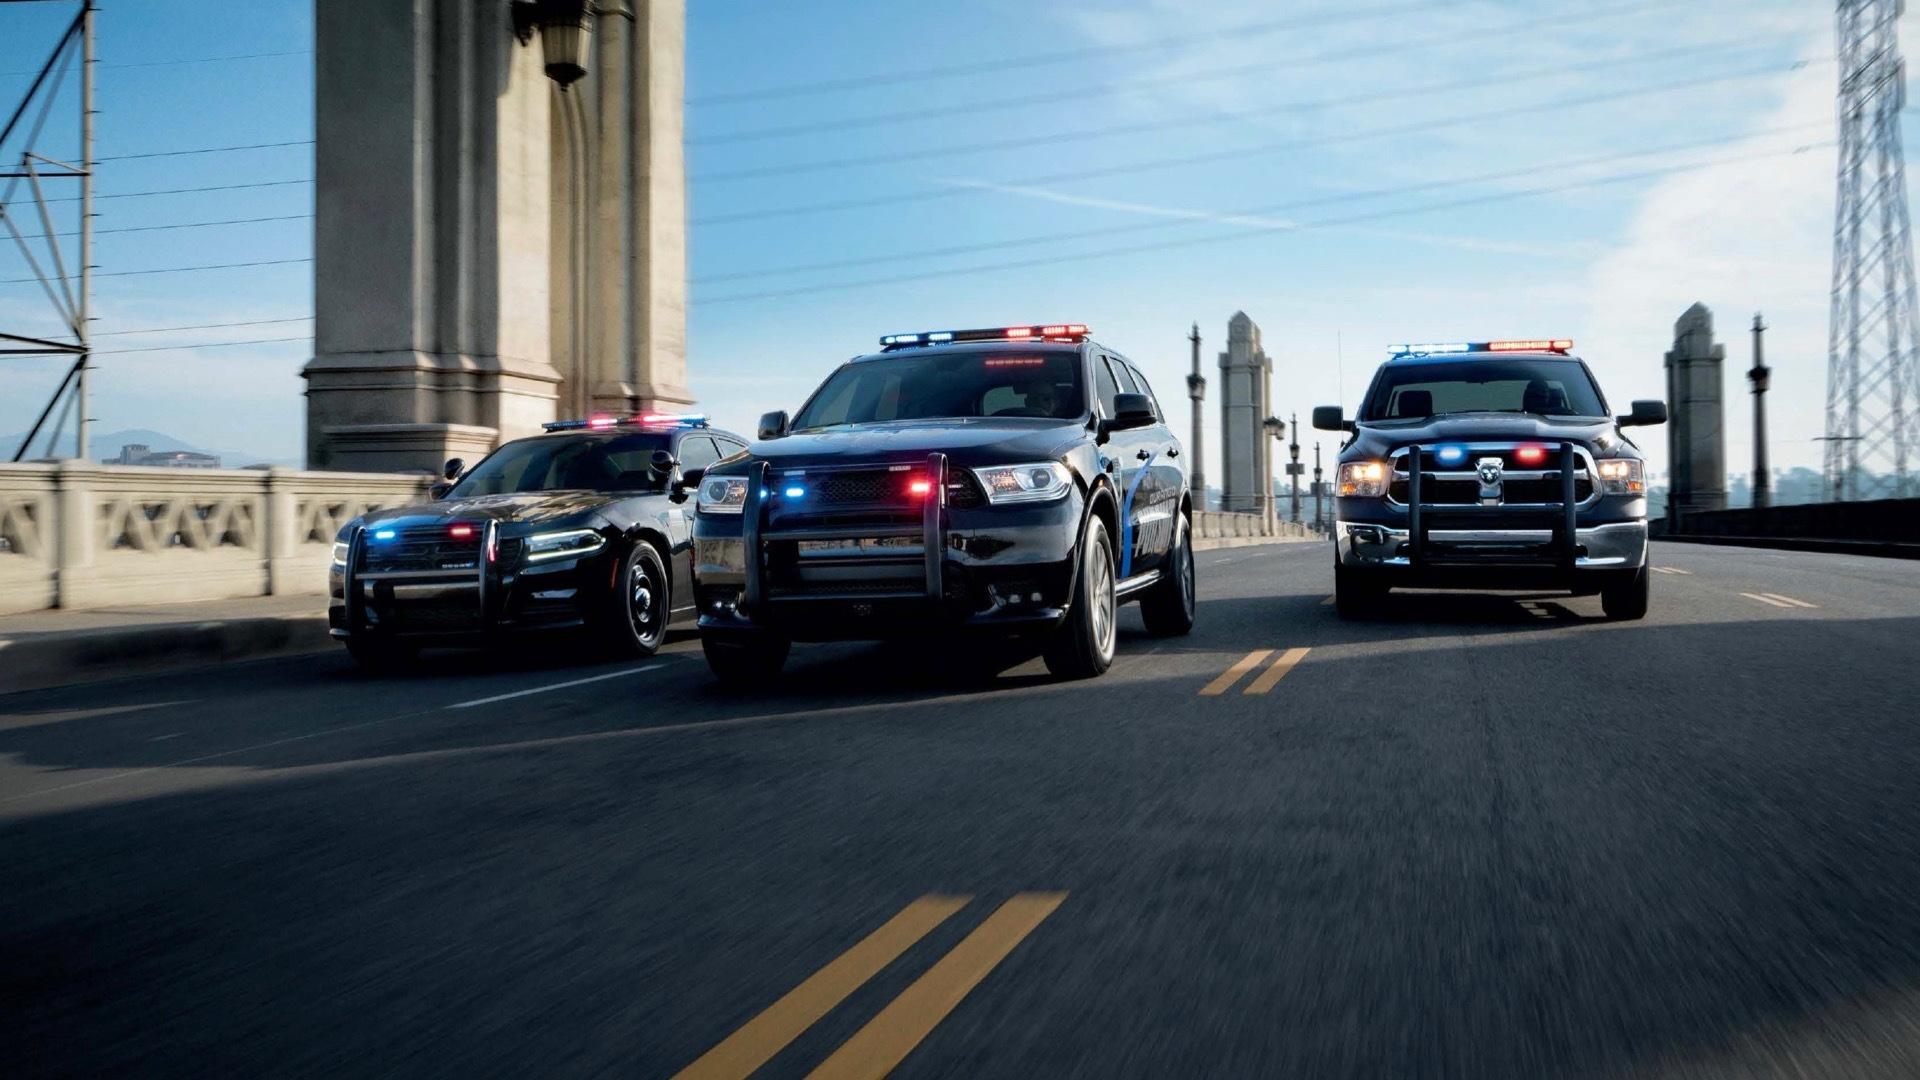 2021 Dodge police cars